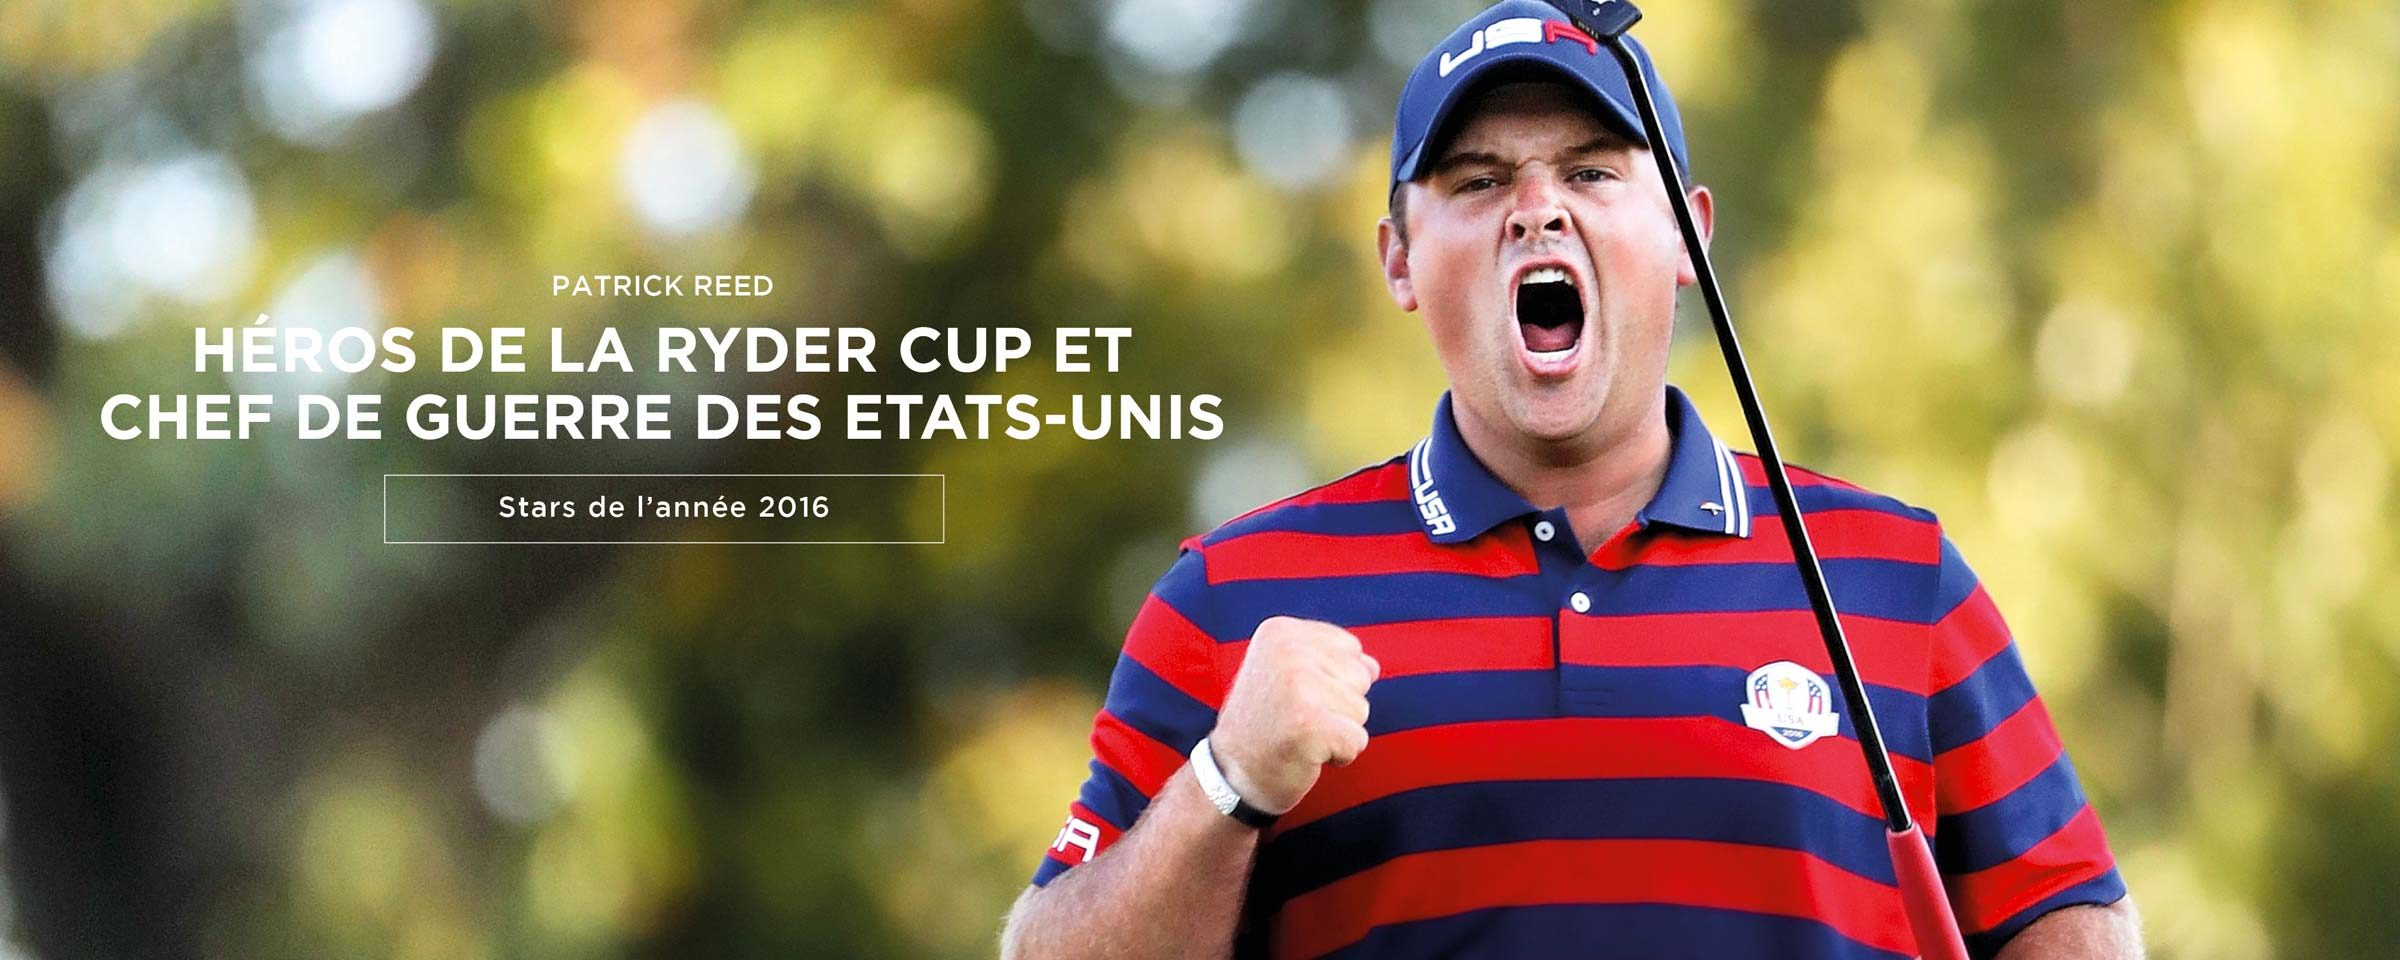 Patrick Reed, Le héros de la Ryder Cup